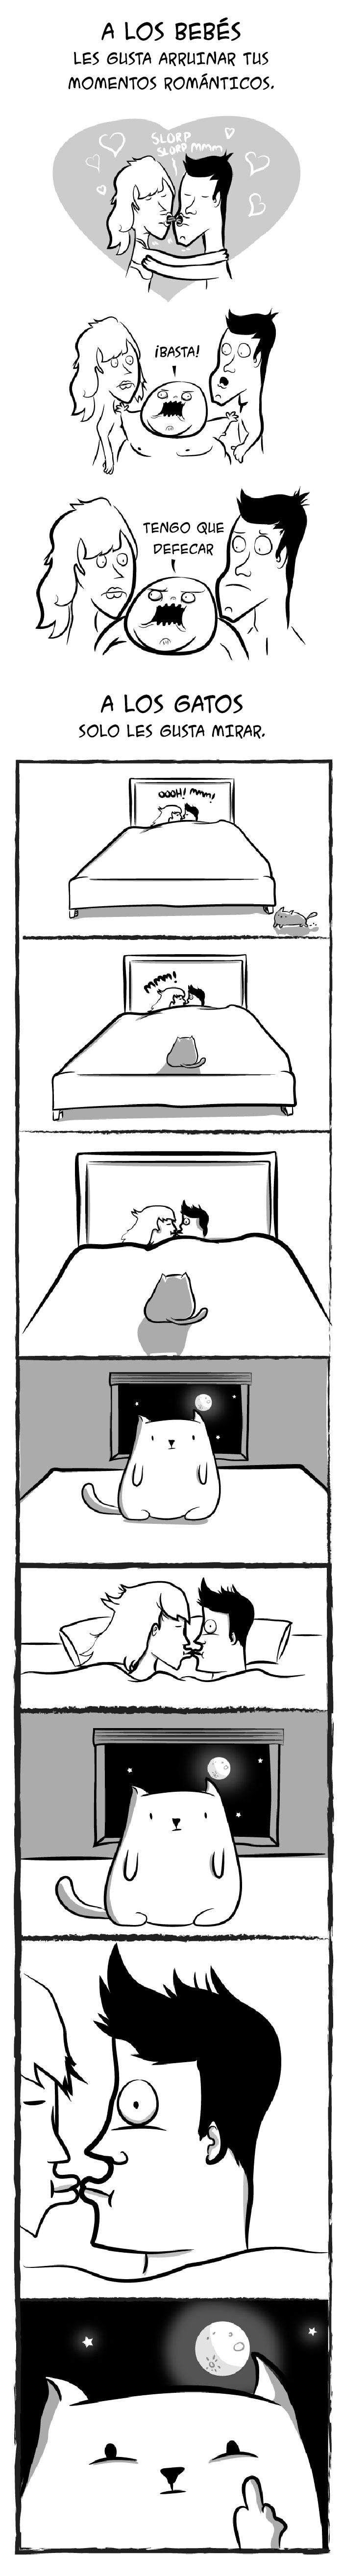 bebes gatos 6